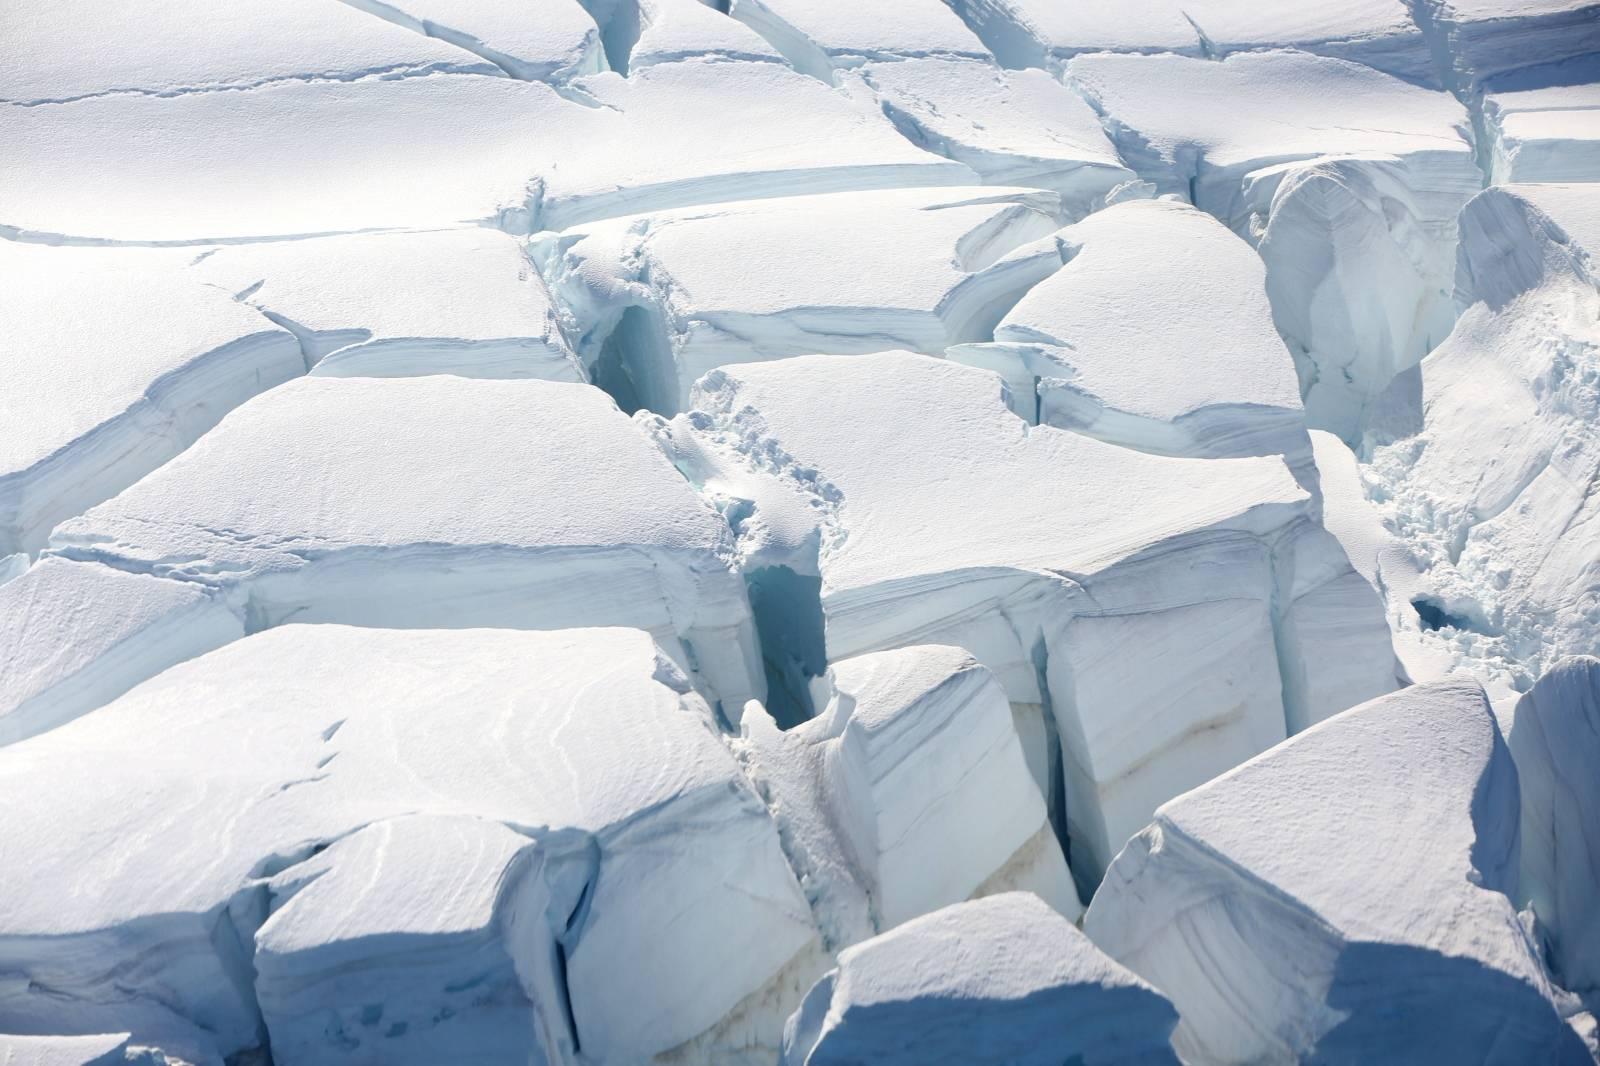 FILE PHOTO: A glacier is seen in Half Moon Bay, Antarctica